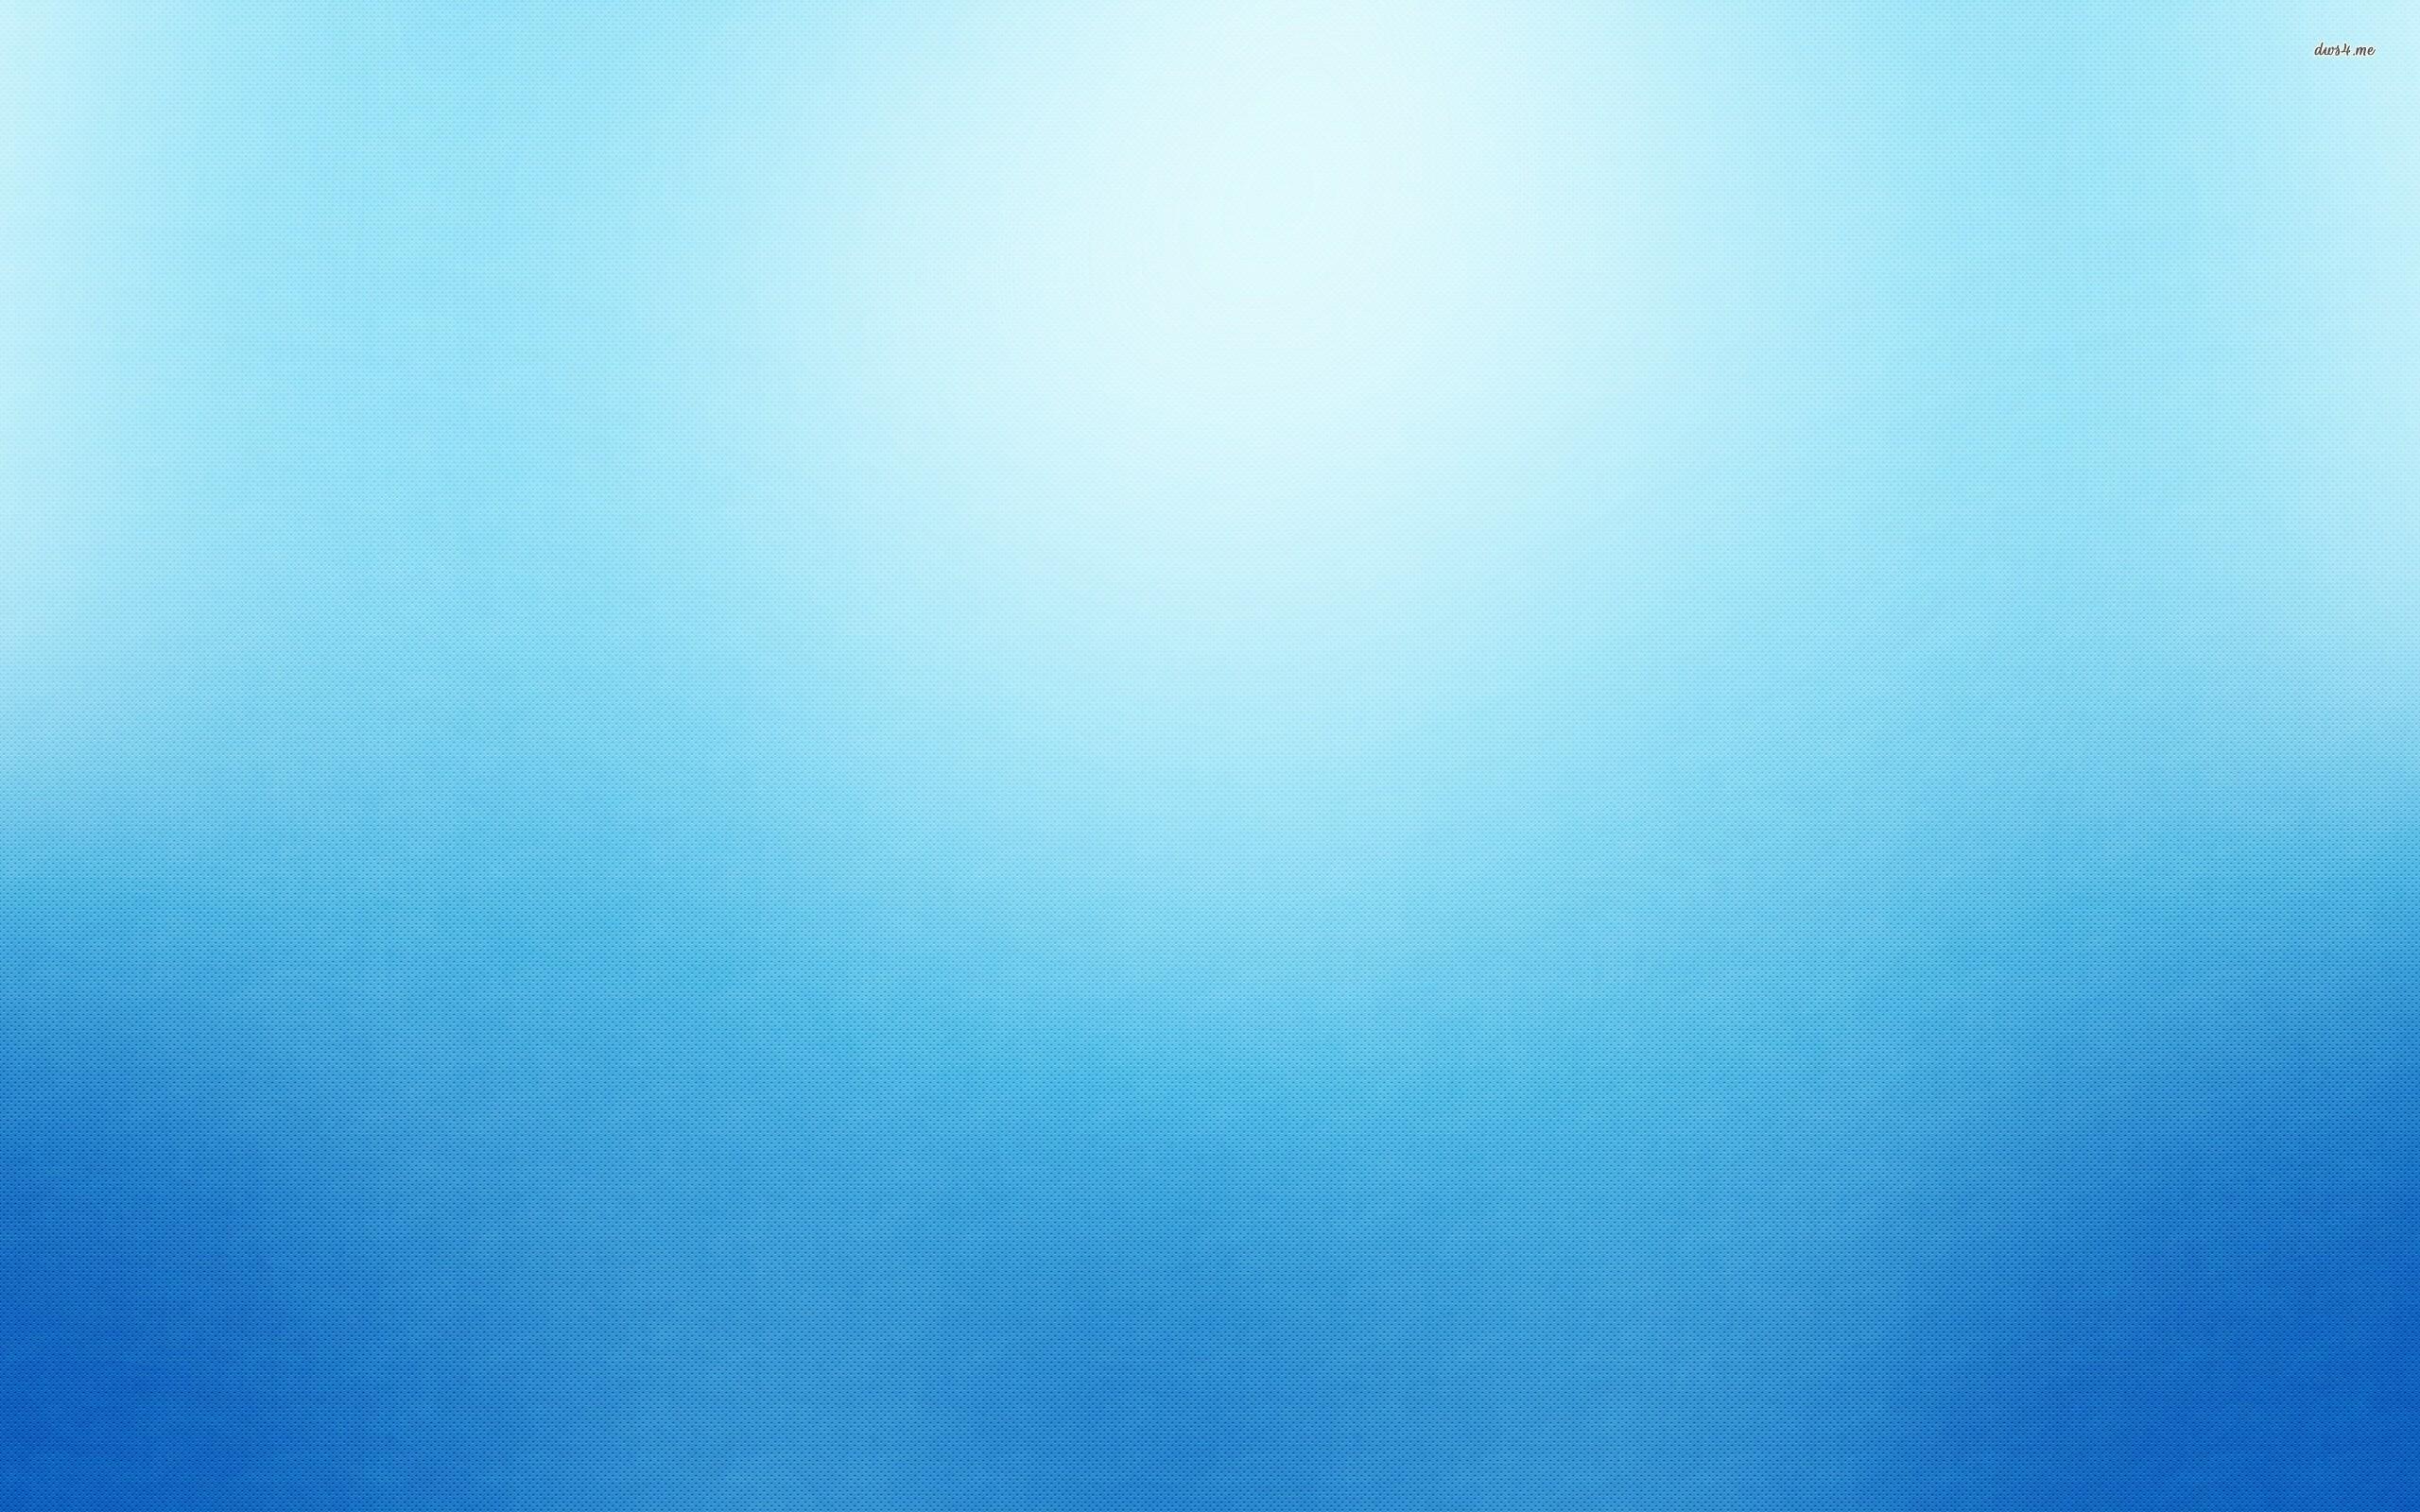 21390-light-blue-texture-2560×1600-abstract-wallpaper